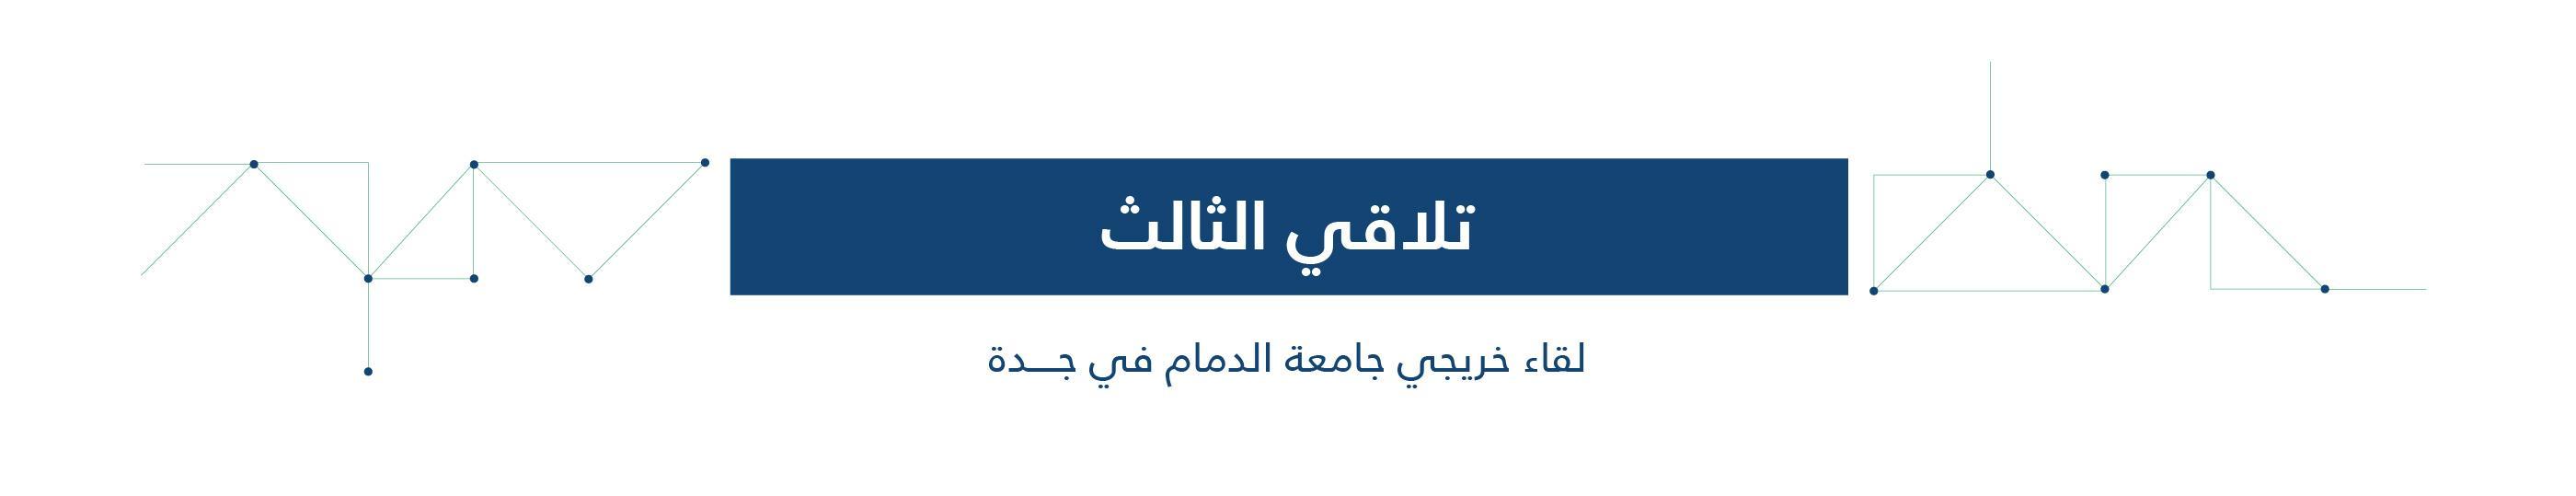 Alumni Reunion - Talaqi 3